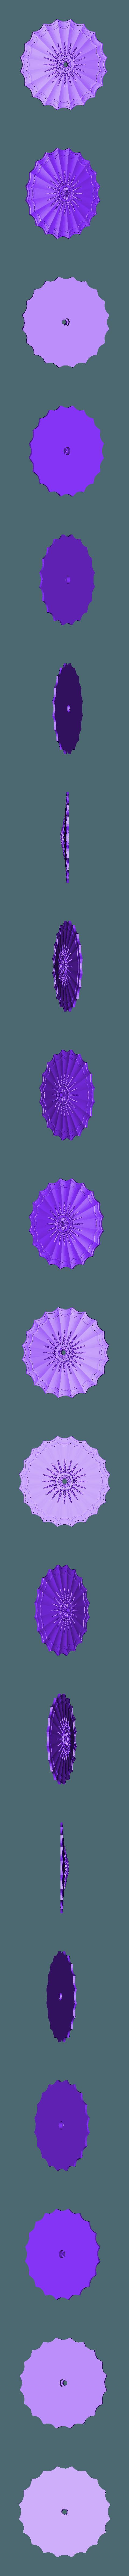 55.stl Télécharger fichier OBJ gratuit Moulures vintage pour vieux appartements classiques cnc art machine à router 3D printed • Modèle à imprimer en 3D, 3DPrinterFiles